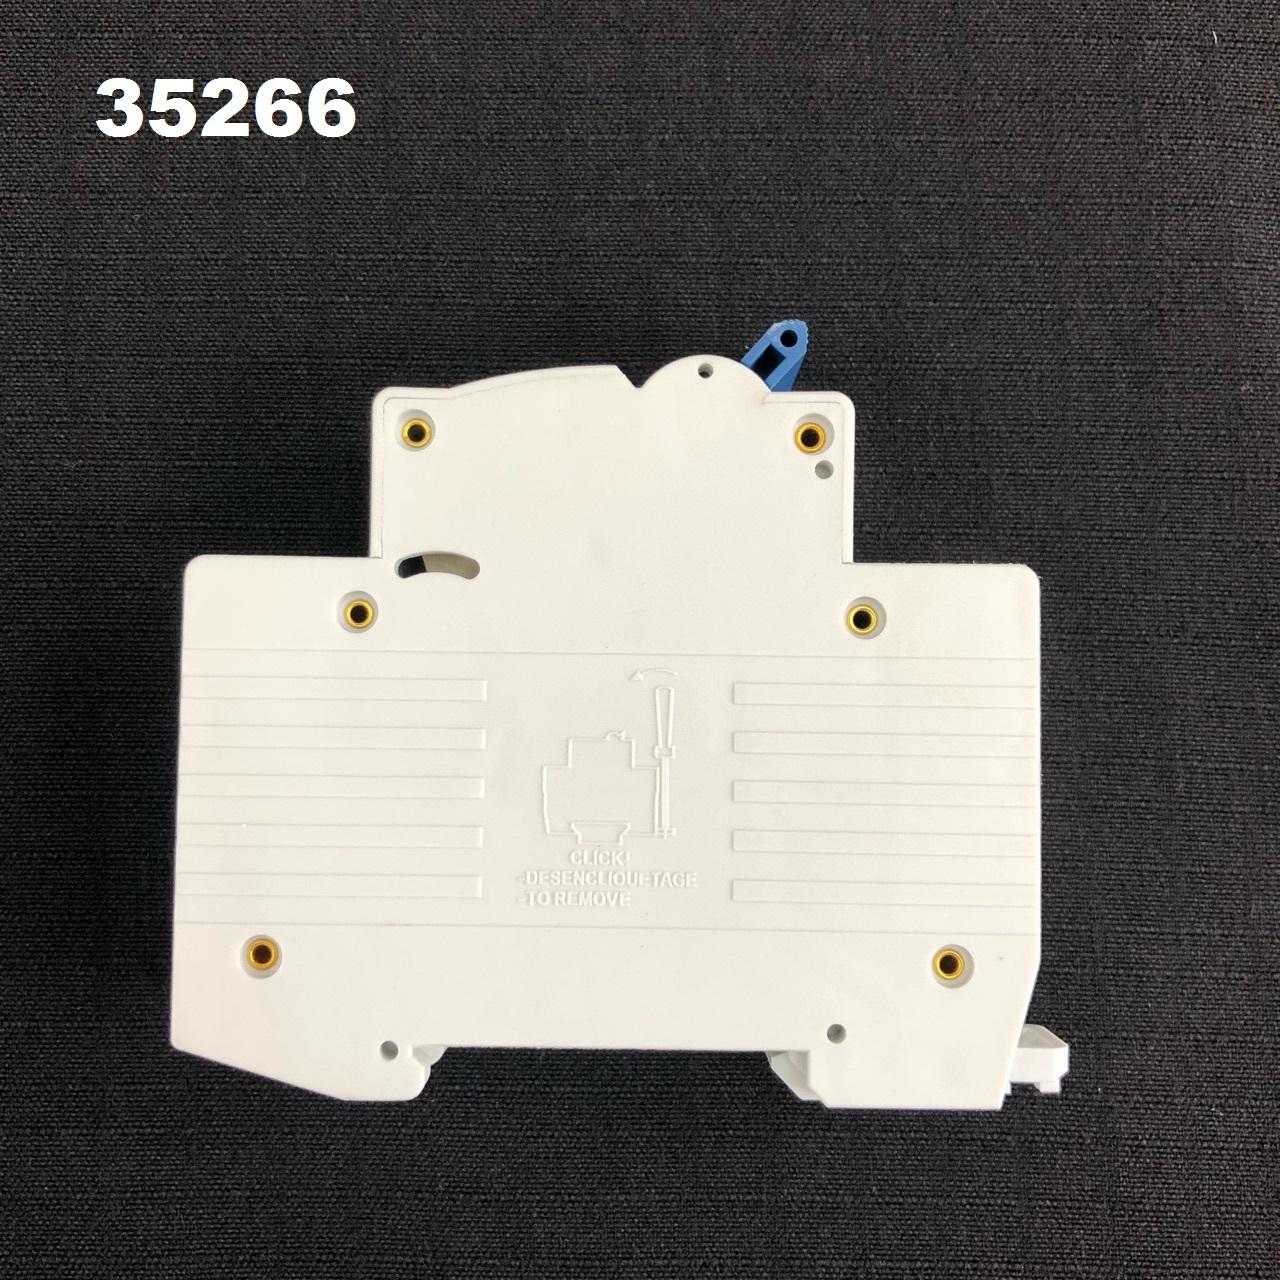 Cầu dao tự động 1 cực 32A thiết bị đóng ngắt, bảo vệ cách ly 1 pha 32A MP6-C132 MPE